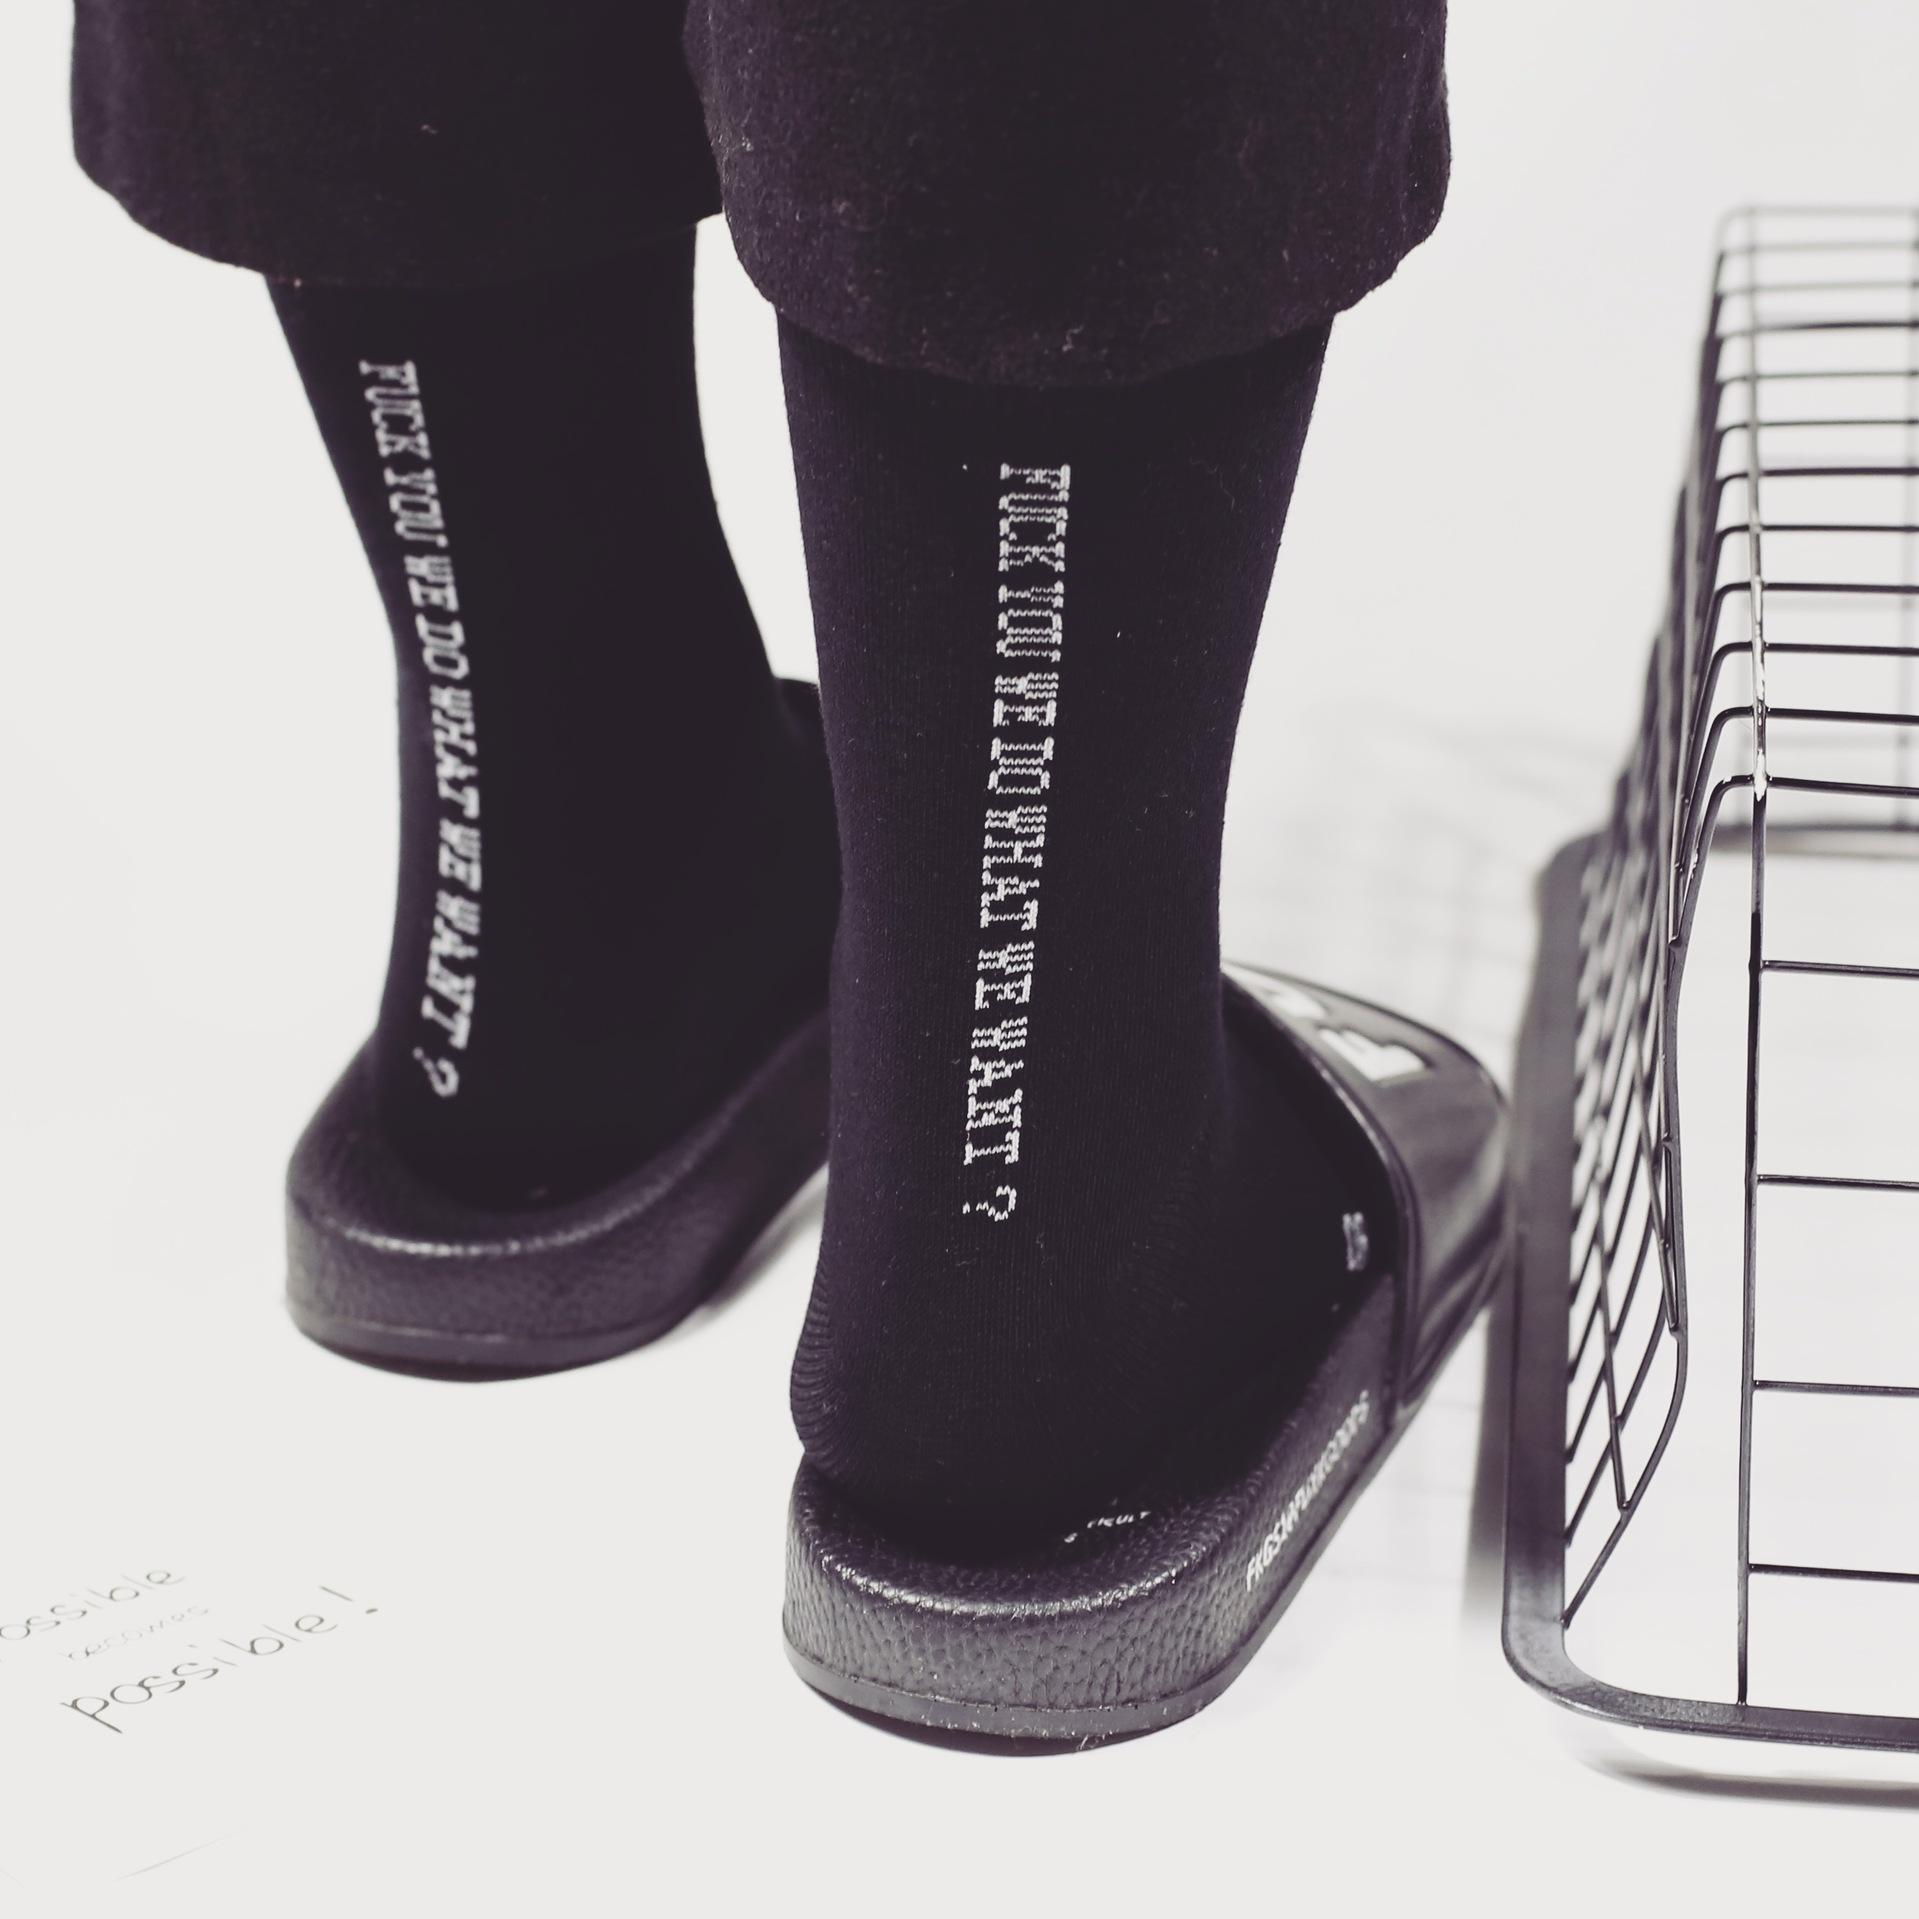 ★新作登場★格安靴下&メンズ靴下 男女兼用